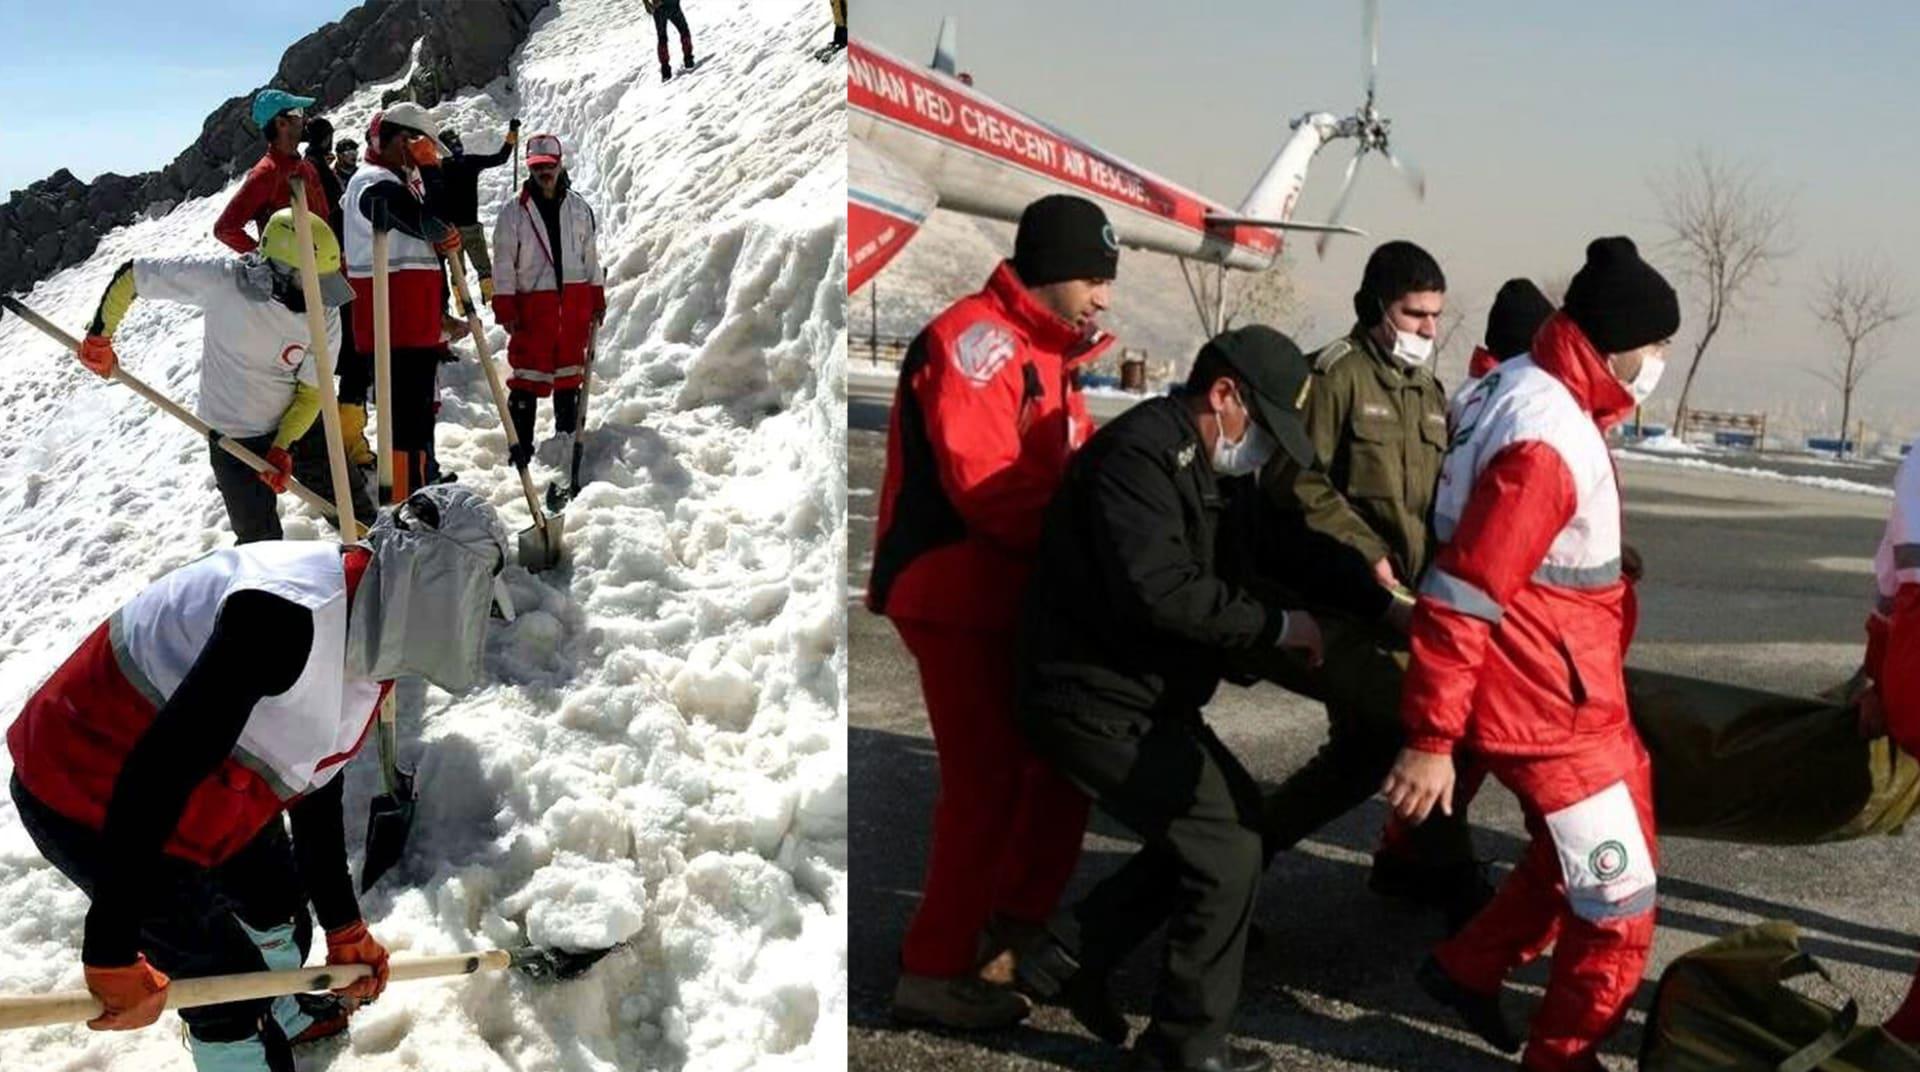 مقتل 12 متسلقاً للجبال في انهيار جليدي في إيران